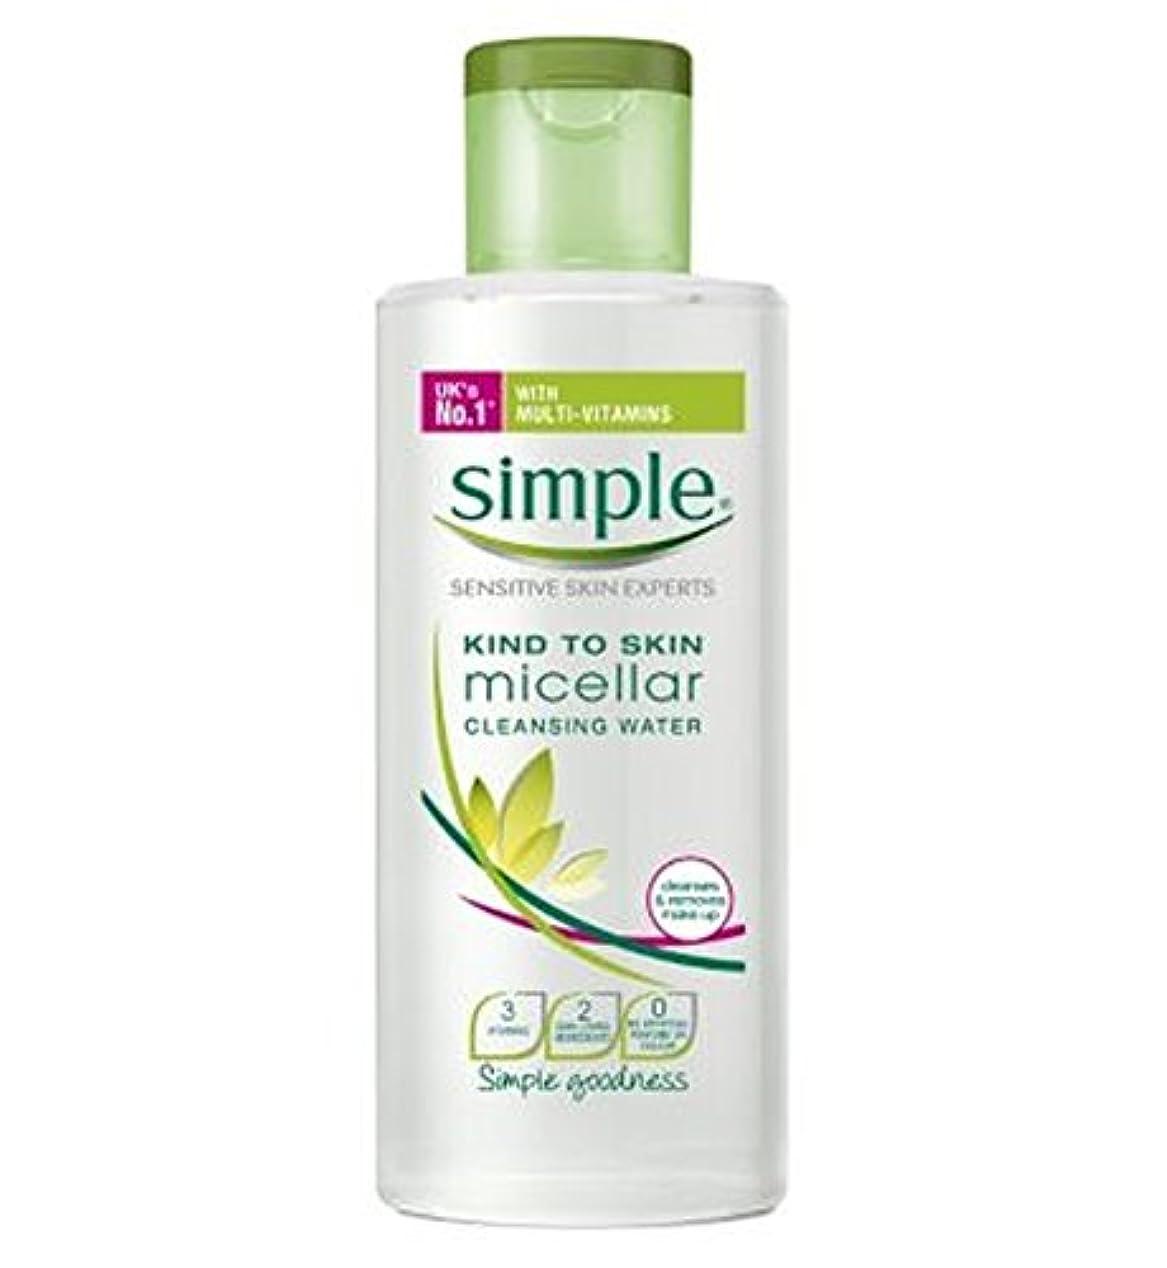 知る製作私Simple Kind To Skin Micellar Cleansing Water 200ml - 皮膚ミセル洗浄水200ミリリットルに簡単な種類 (Simple) [並行輸入品]